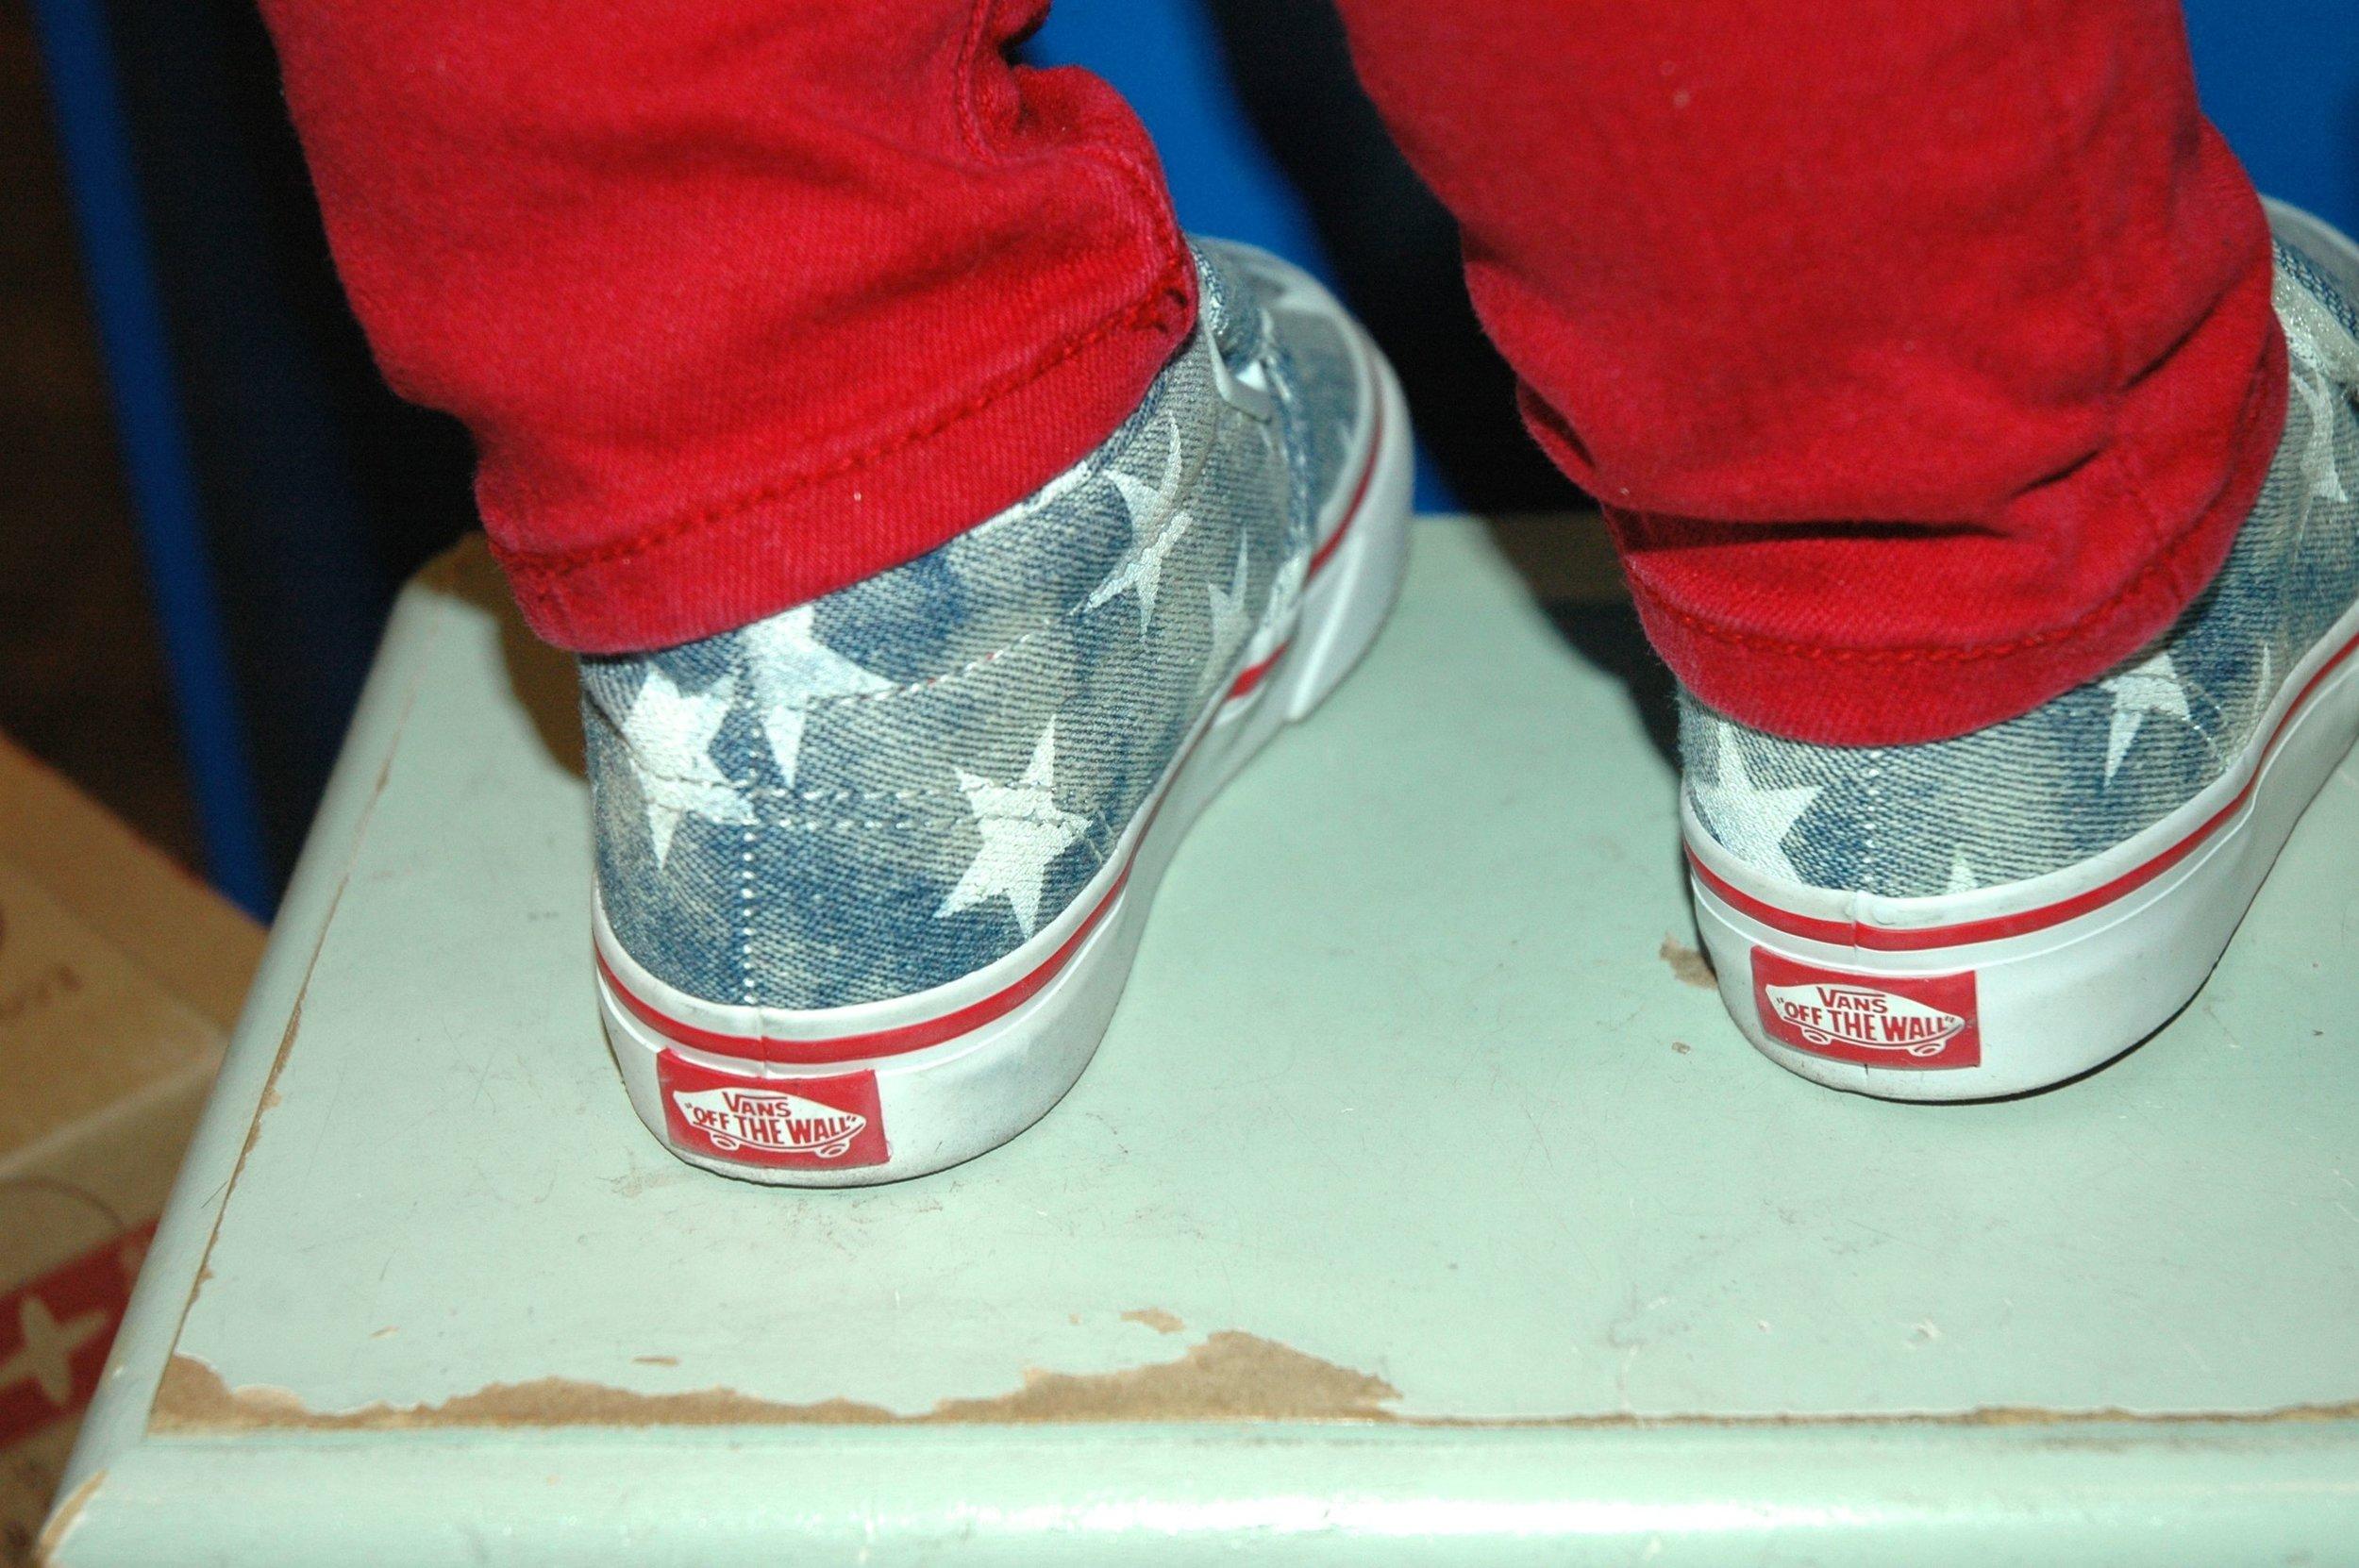 c shoes